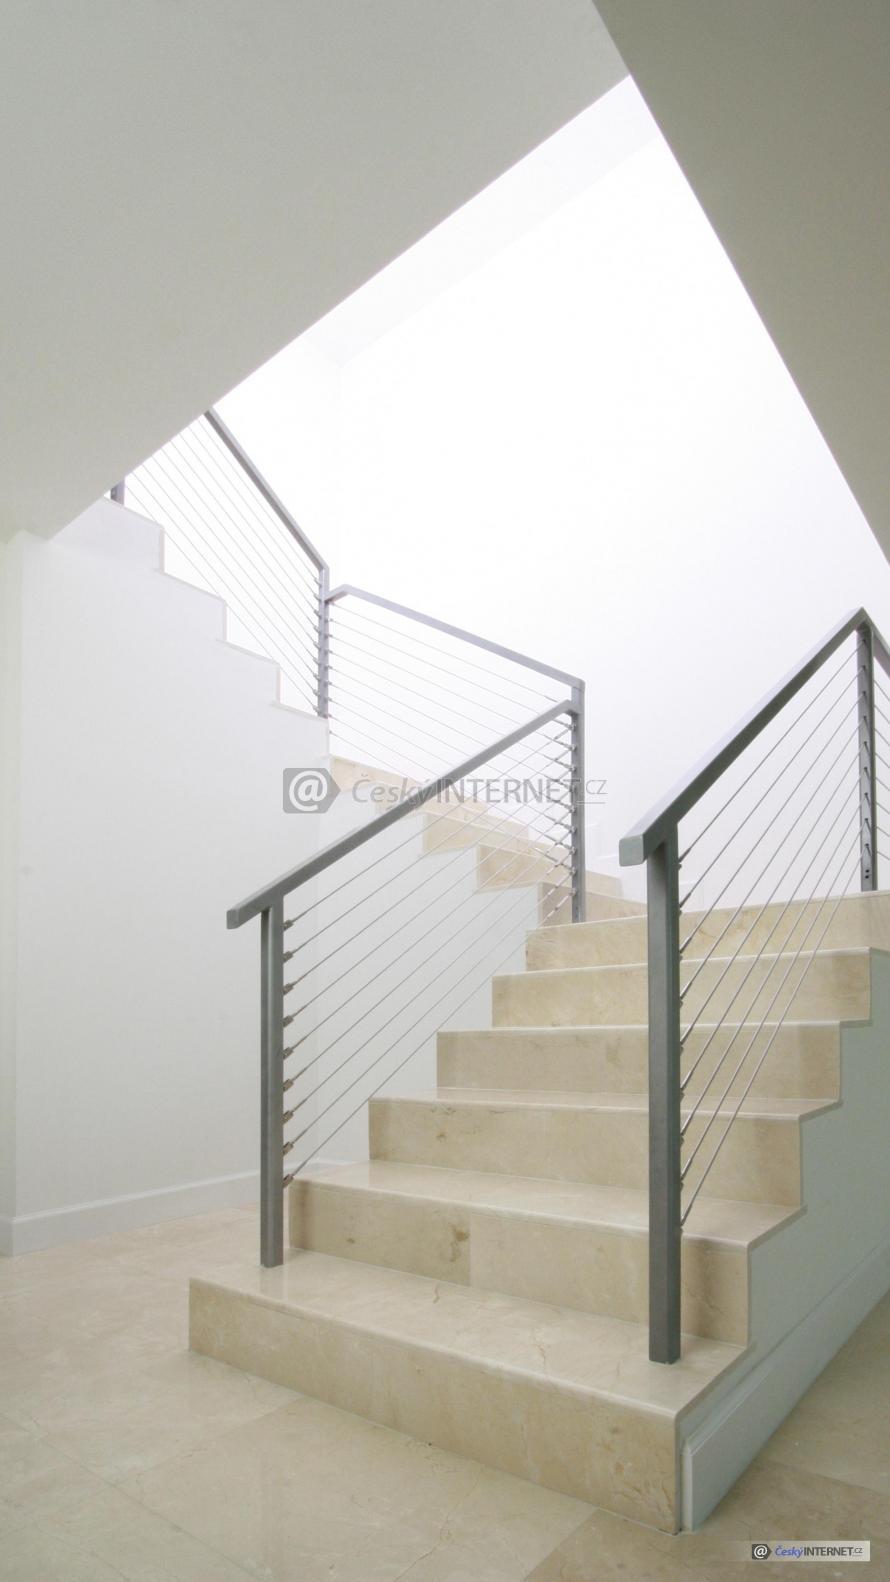 Moderní interierové schodiště.